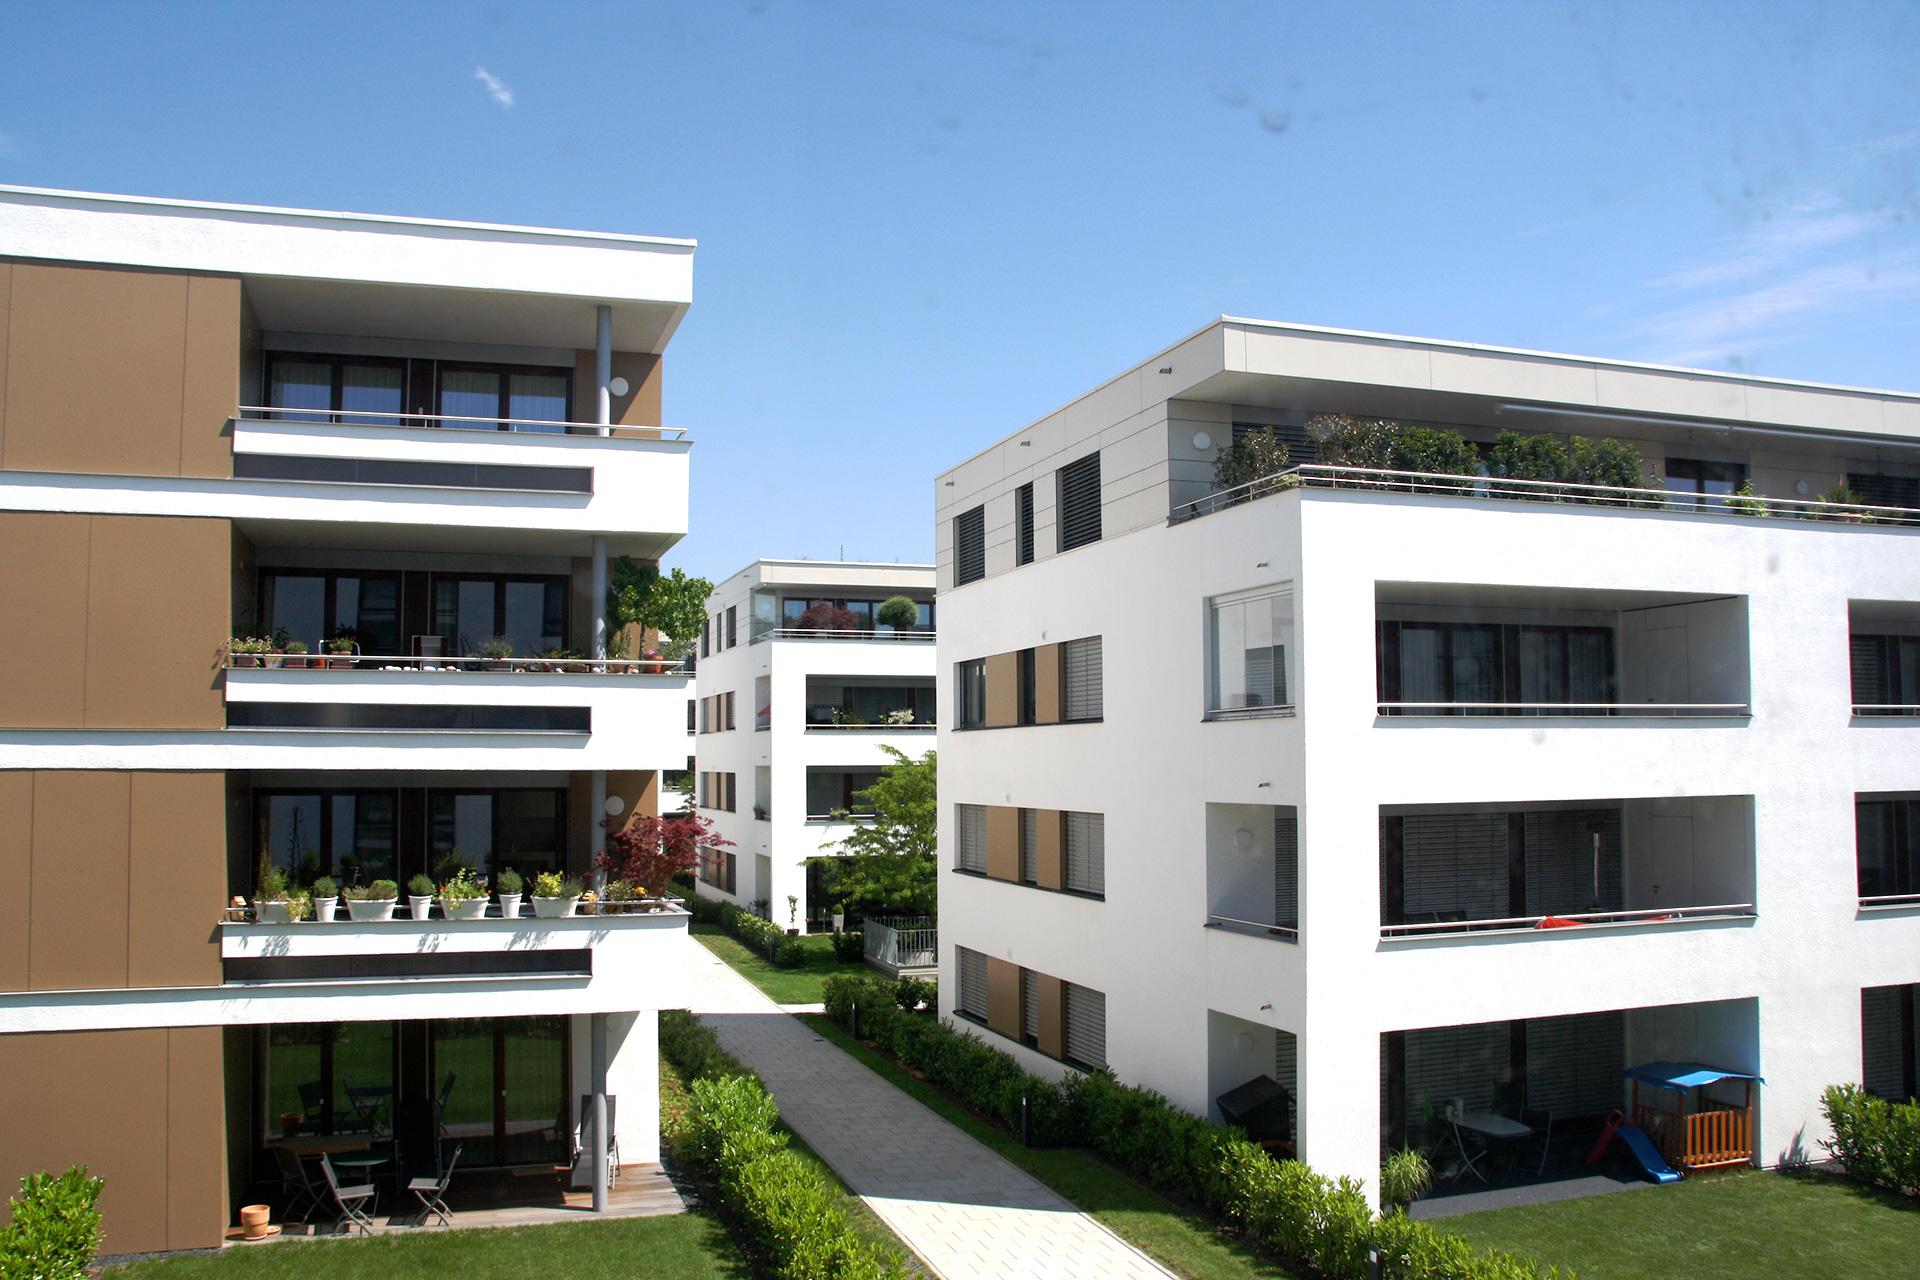 stadtgarten_2